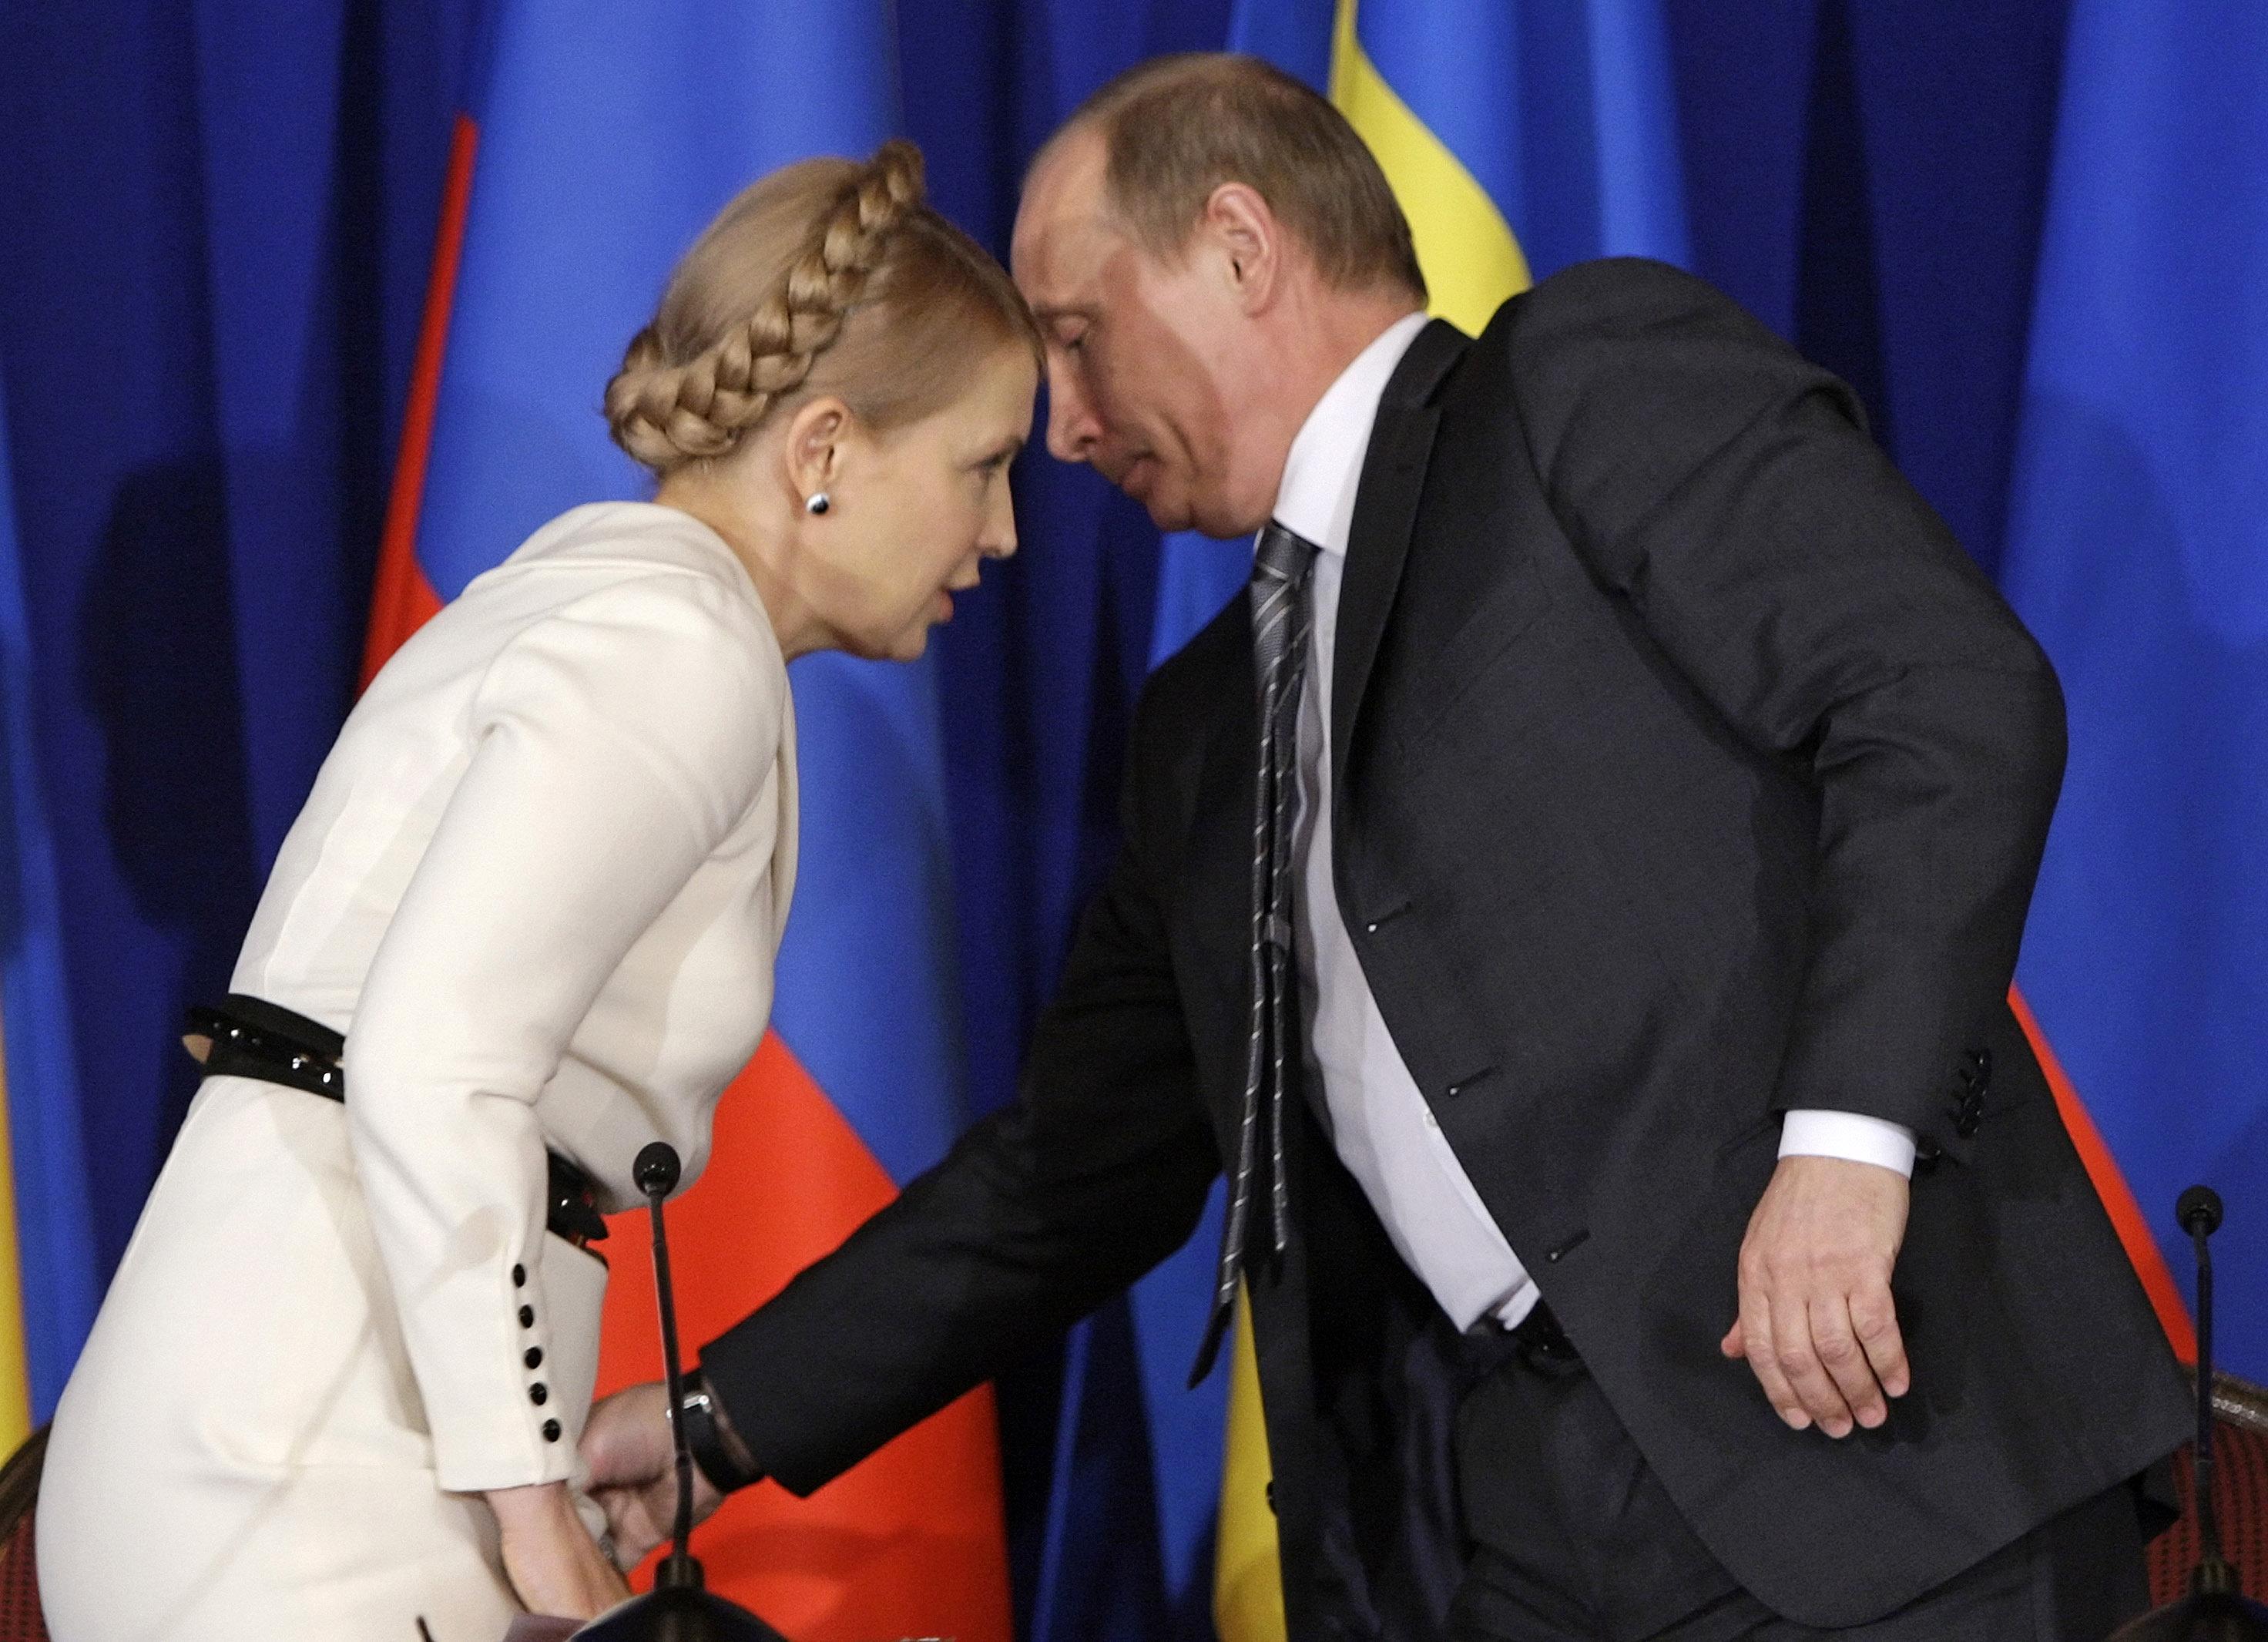 2/10. Април 2009. Док је Путин био премијер, између свог другог и трећег председничког мандата, у више наврата сретао се са украјинском колегиницом Јулијом Тимошенко.